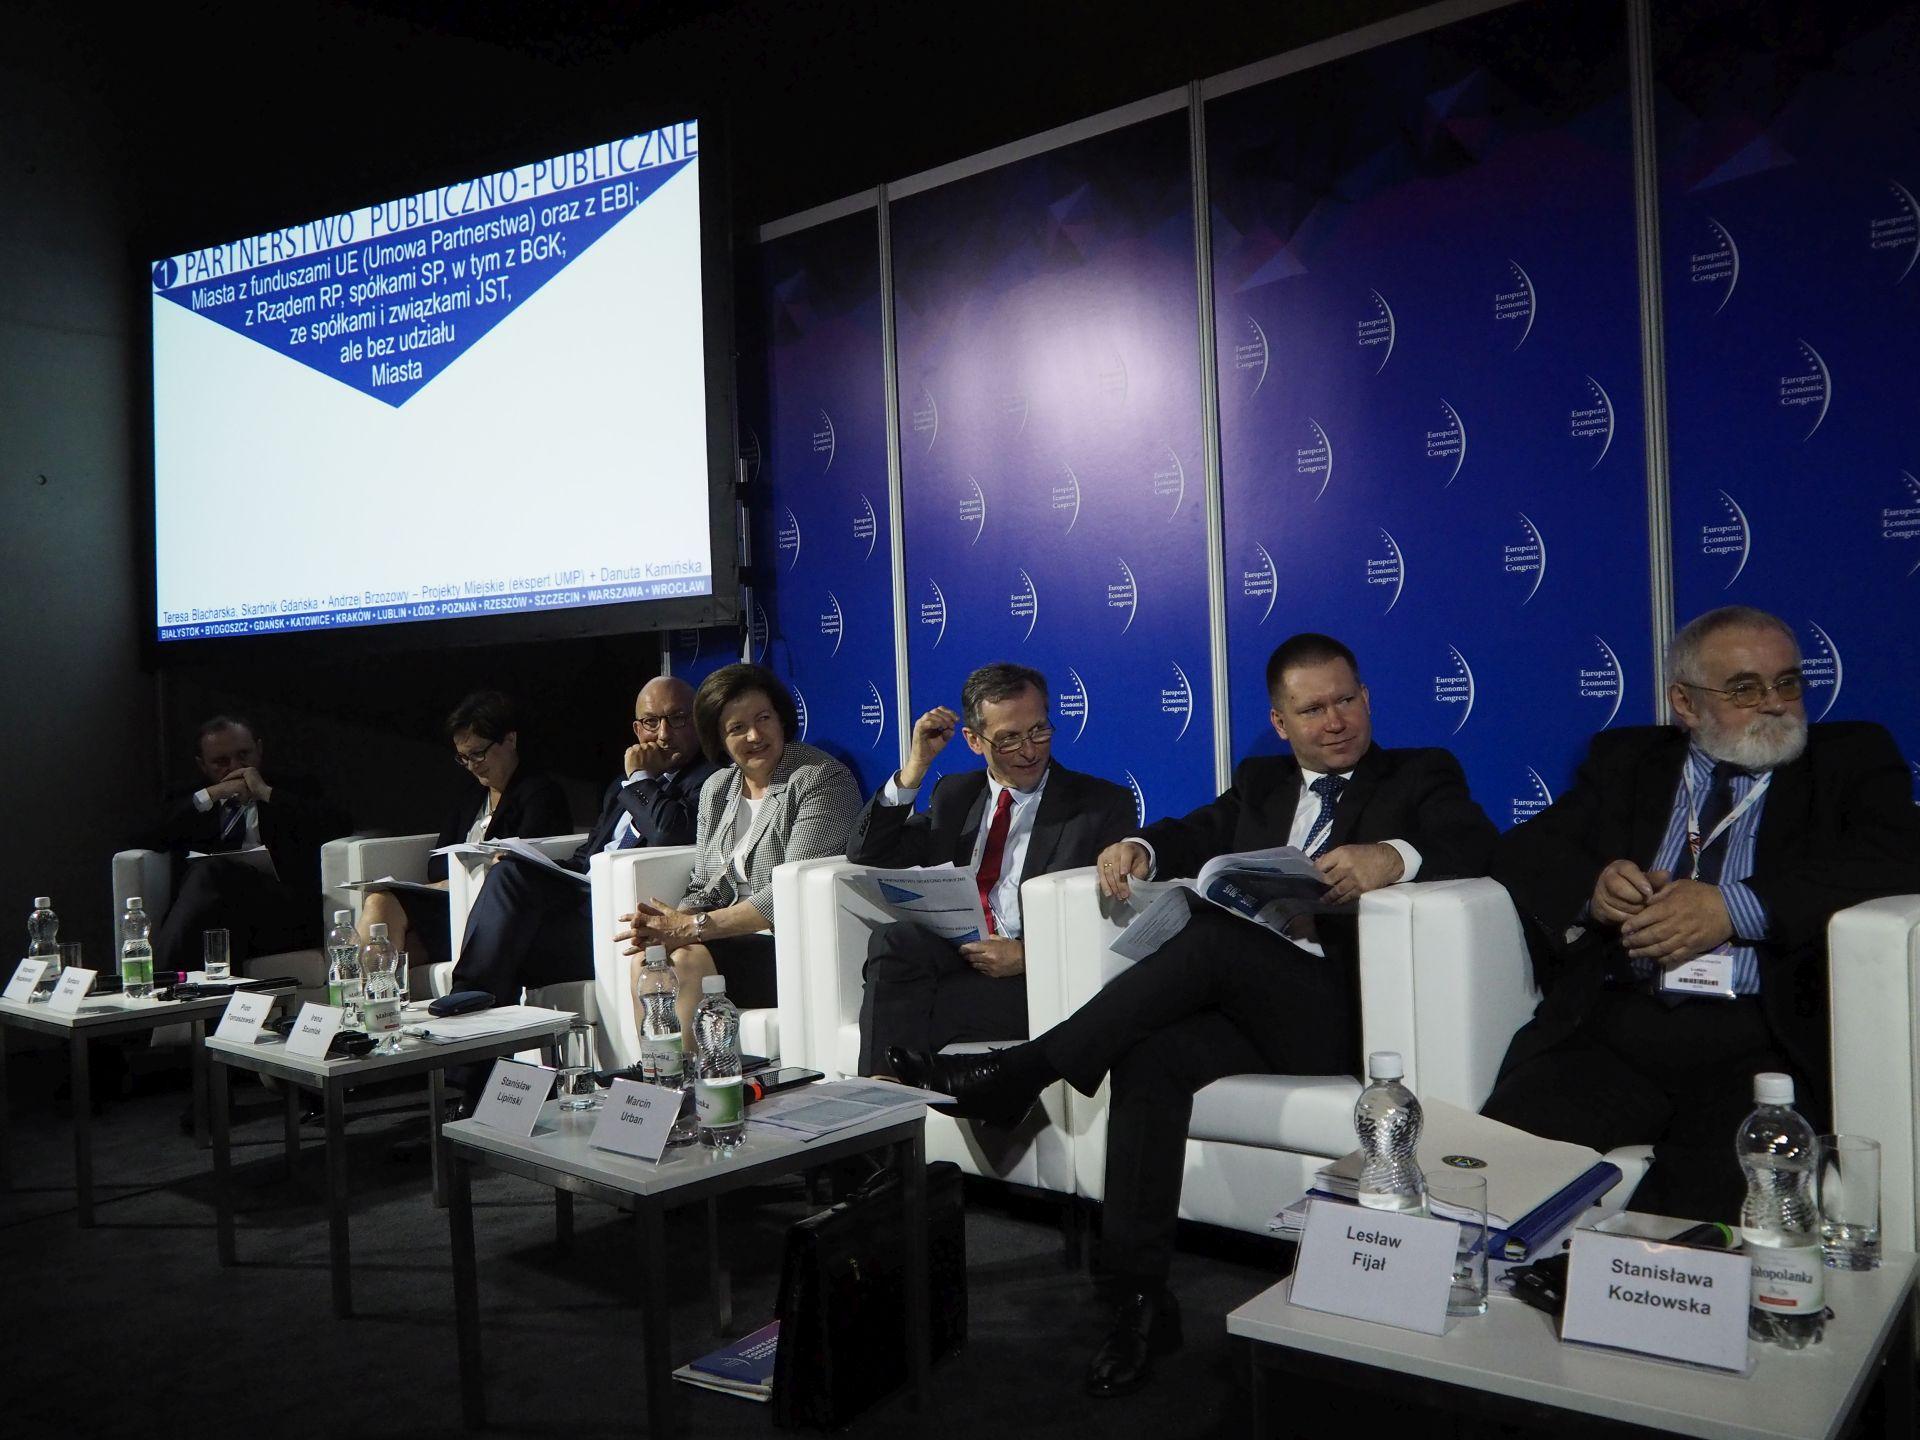 Od prawej: Lesław Fijał, Marcin Urban, Stanisław Lipiński, Irena Szumlak, Piotr Tomaszewski, Barbara Sajnaj i Krzysztof Mączkowski.Fot. PTWP